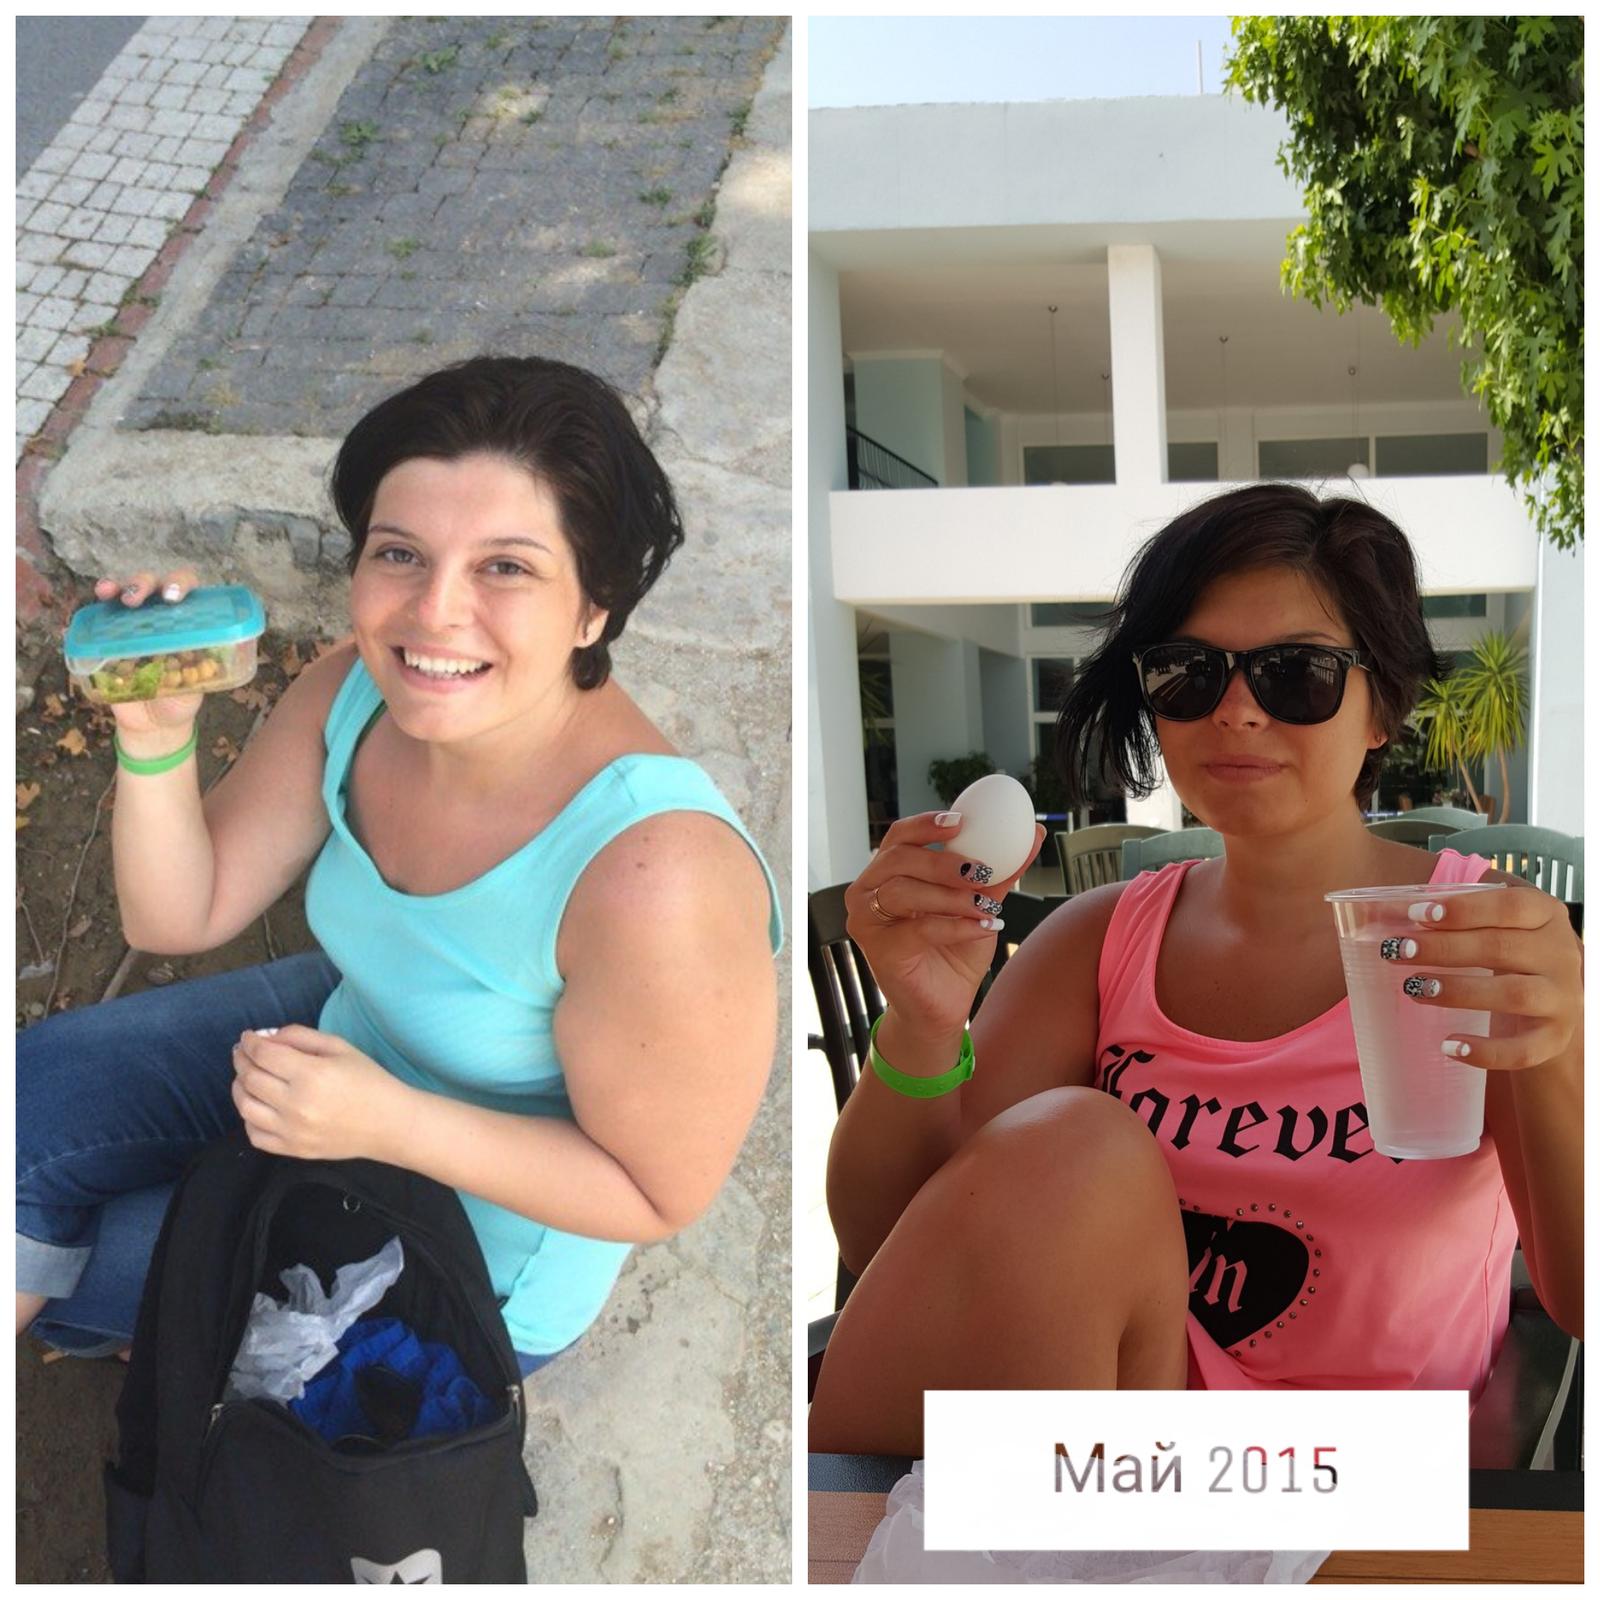 Правильное питание, похудение, диета и спорт! | вконтакте.